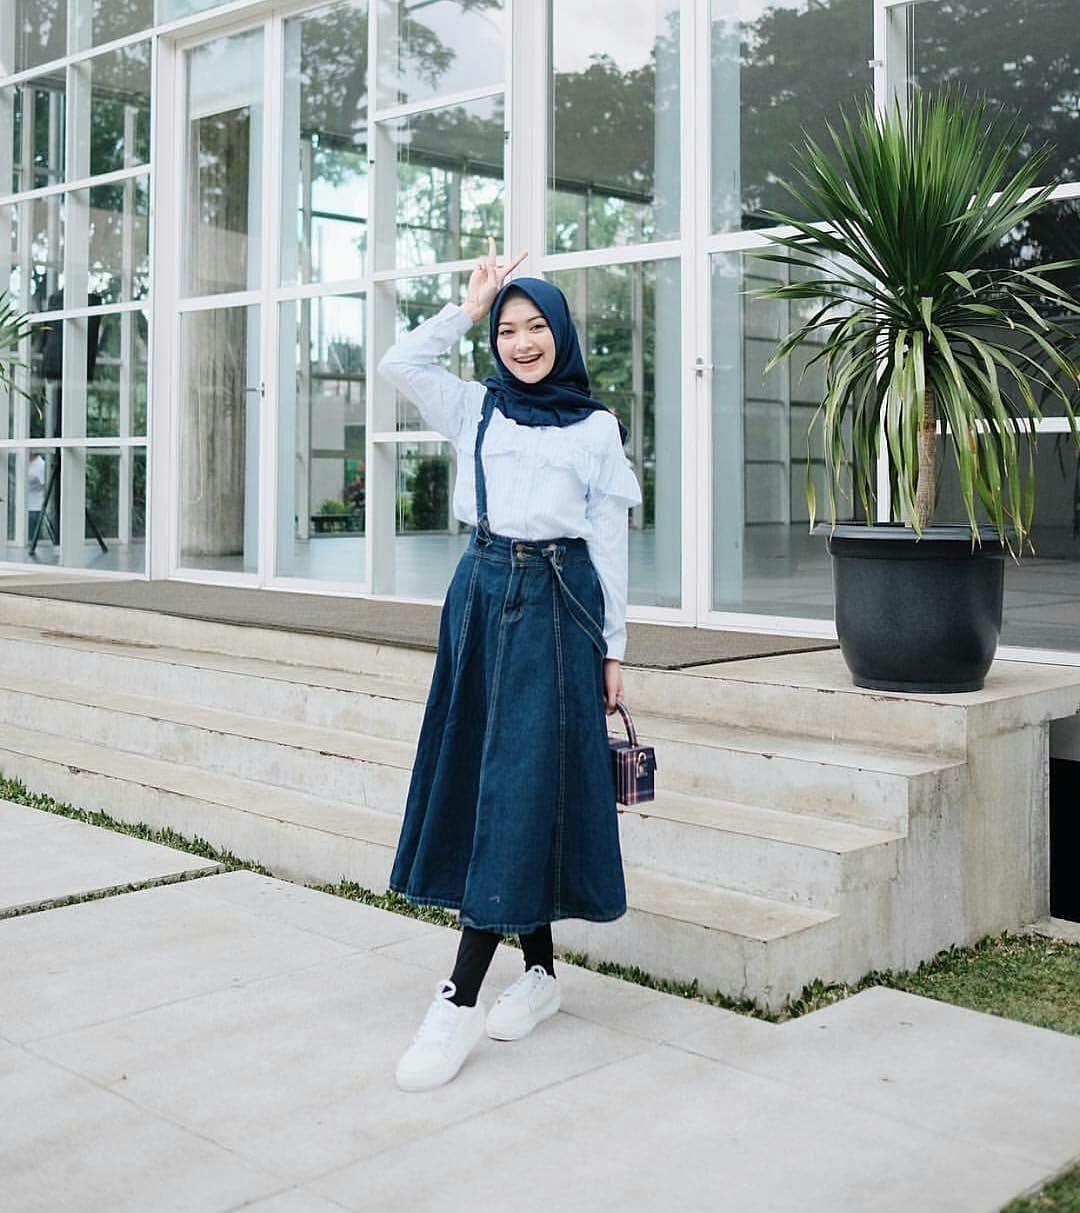 MC Yunki Skrit Jeans Rok Baju Bawahan Wanita Muslim Rok Panjang Suplier Pakaian Hijab Termurah Terbaru